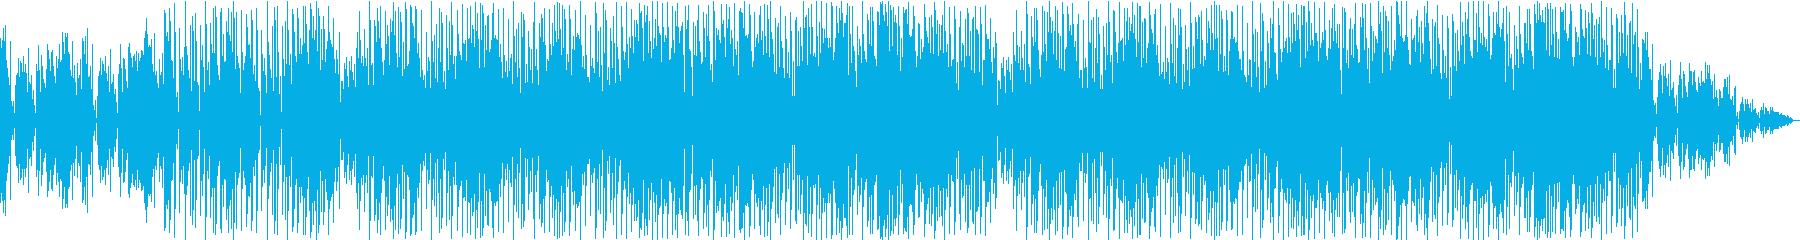 ラウンジ まったり トロピカル ポ...の再生済みの波形